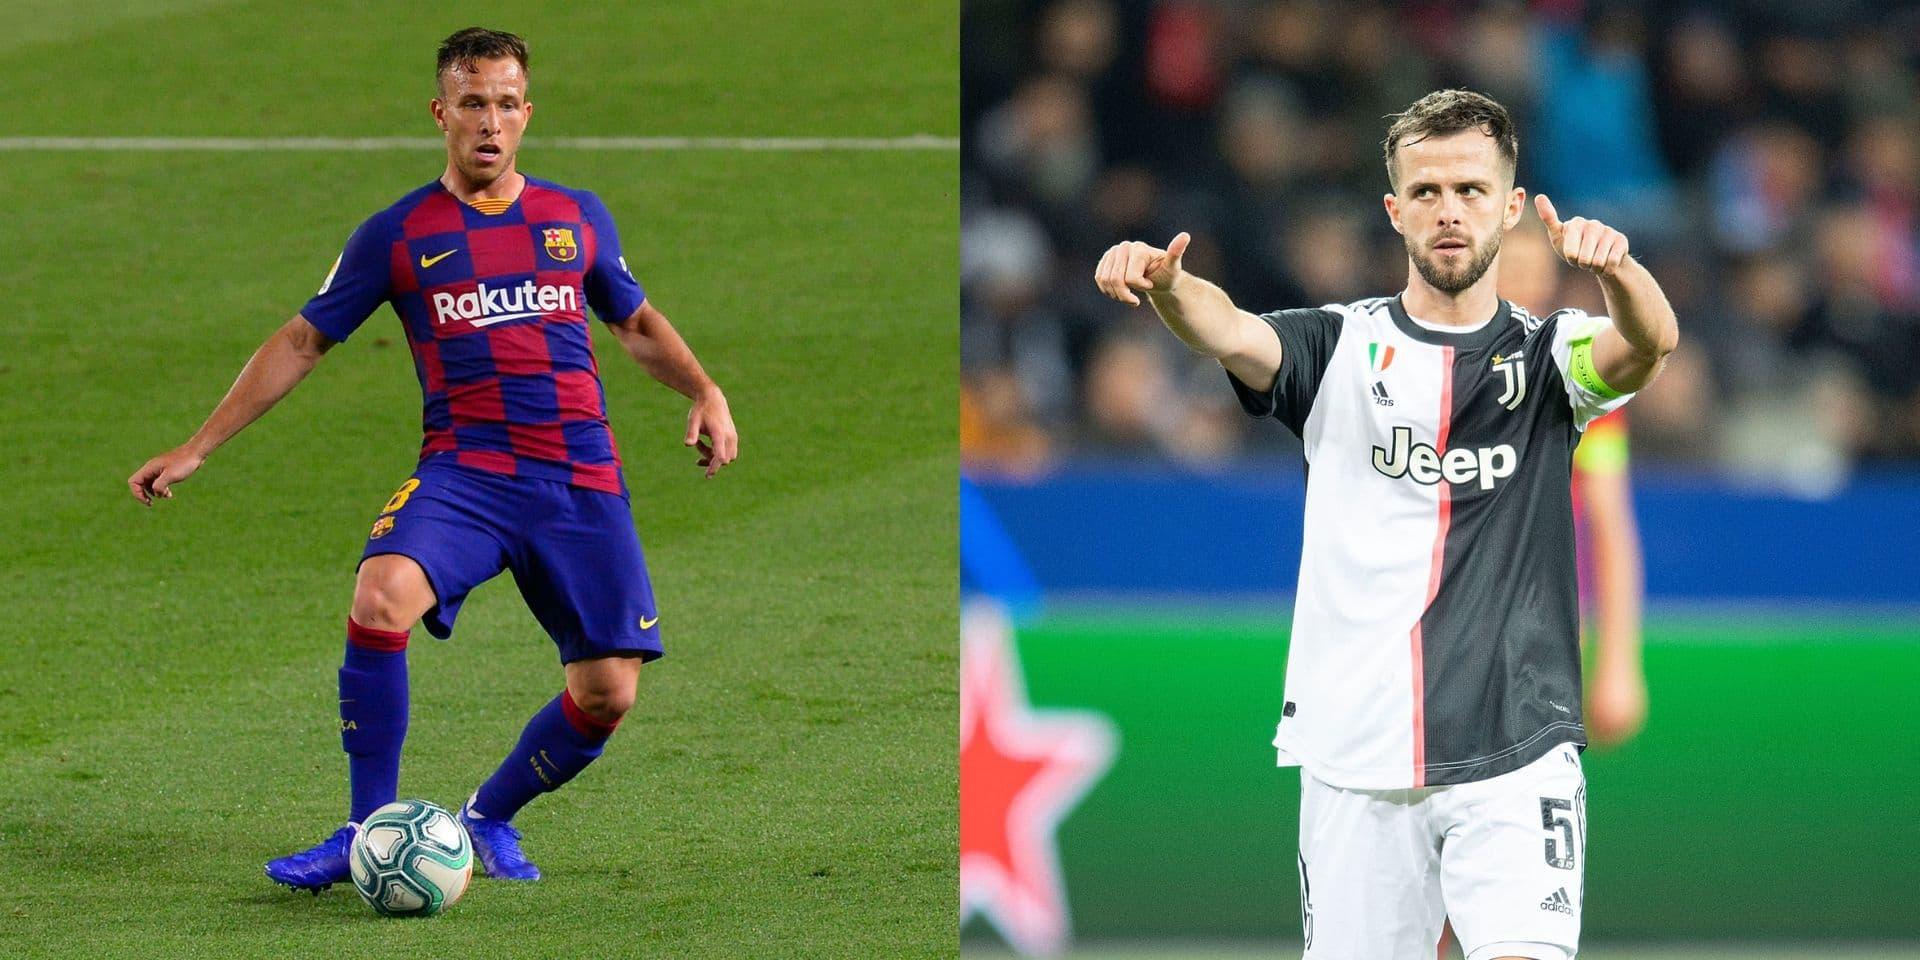 Journal du mercato (29/06): Pjanic signe au Barça pour 60 millions, Arthur fait le chemin inverse!